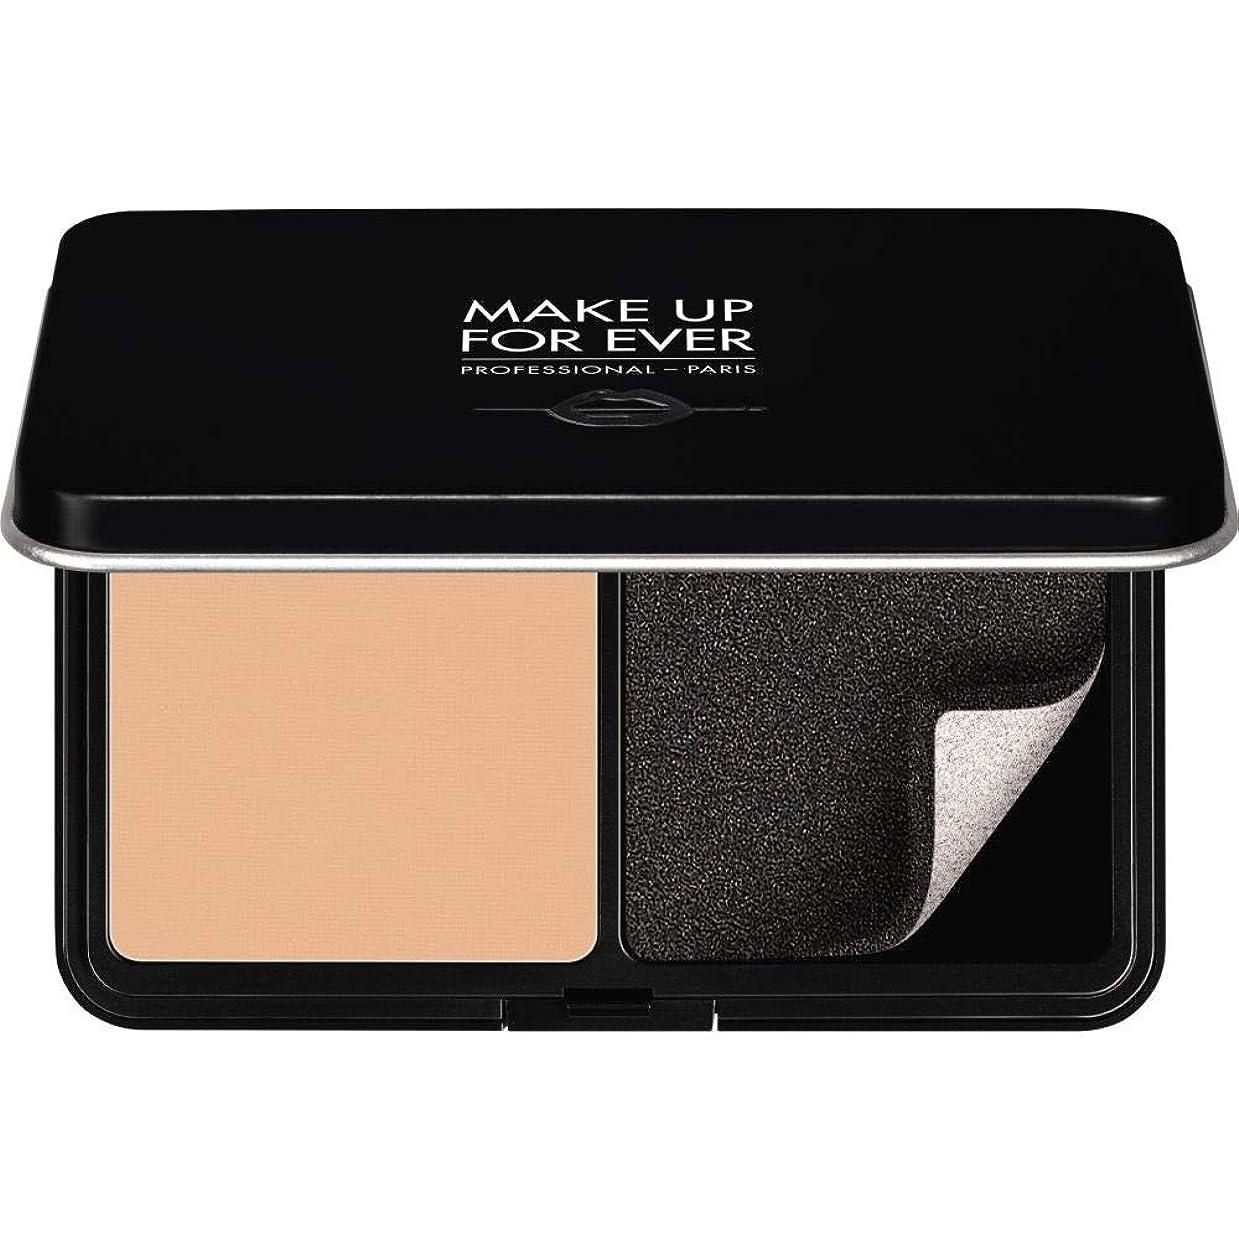 報復護衛取り囲む[MAKE UP FOR EVER ] パウダーファンデーション11GののR230をぼかし、これまでマットベルベットの肌を補う - アイボリー - MAKE UP FOR EVER Matte Velvet Skin Blurring Powder Foundation 11g R230 - Ivory [並行輸入品]